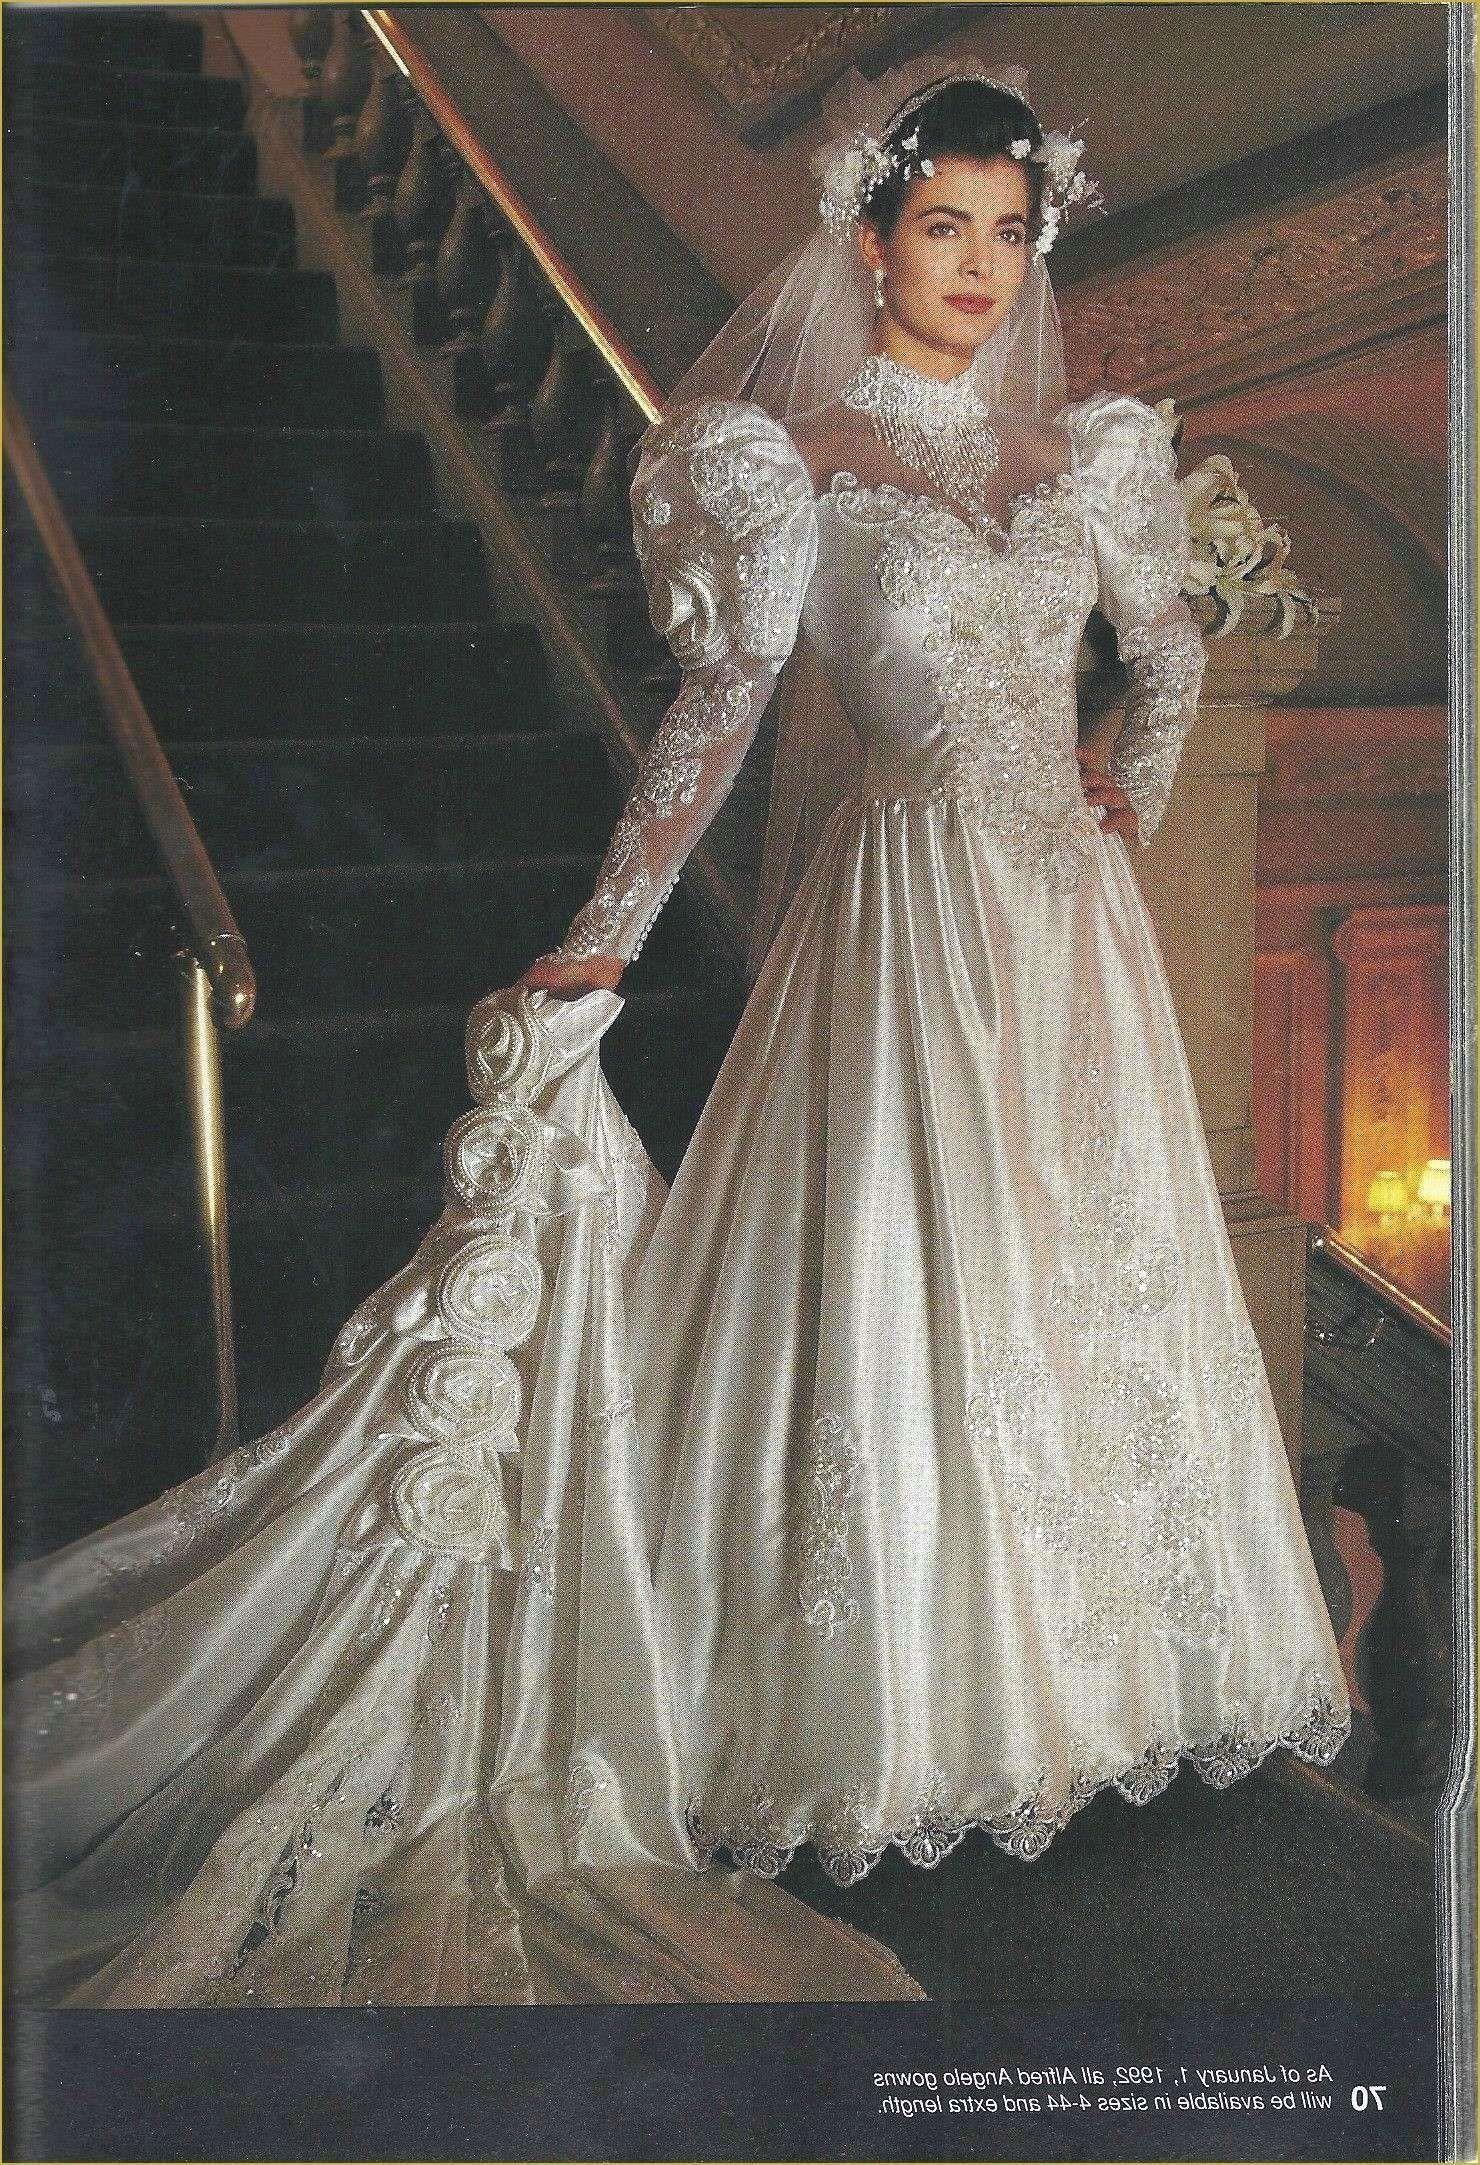 Women Sandals Boho Outfits Ideas Wedding Dress Sleeves Top Wedding Dresses Wedding Dresses Vintage [ 2165 x 1480 Pixel ]